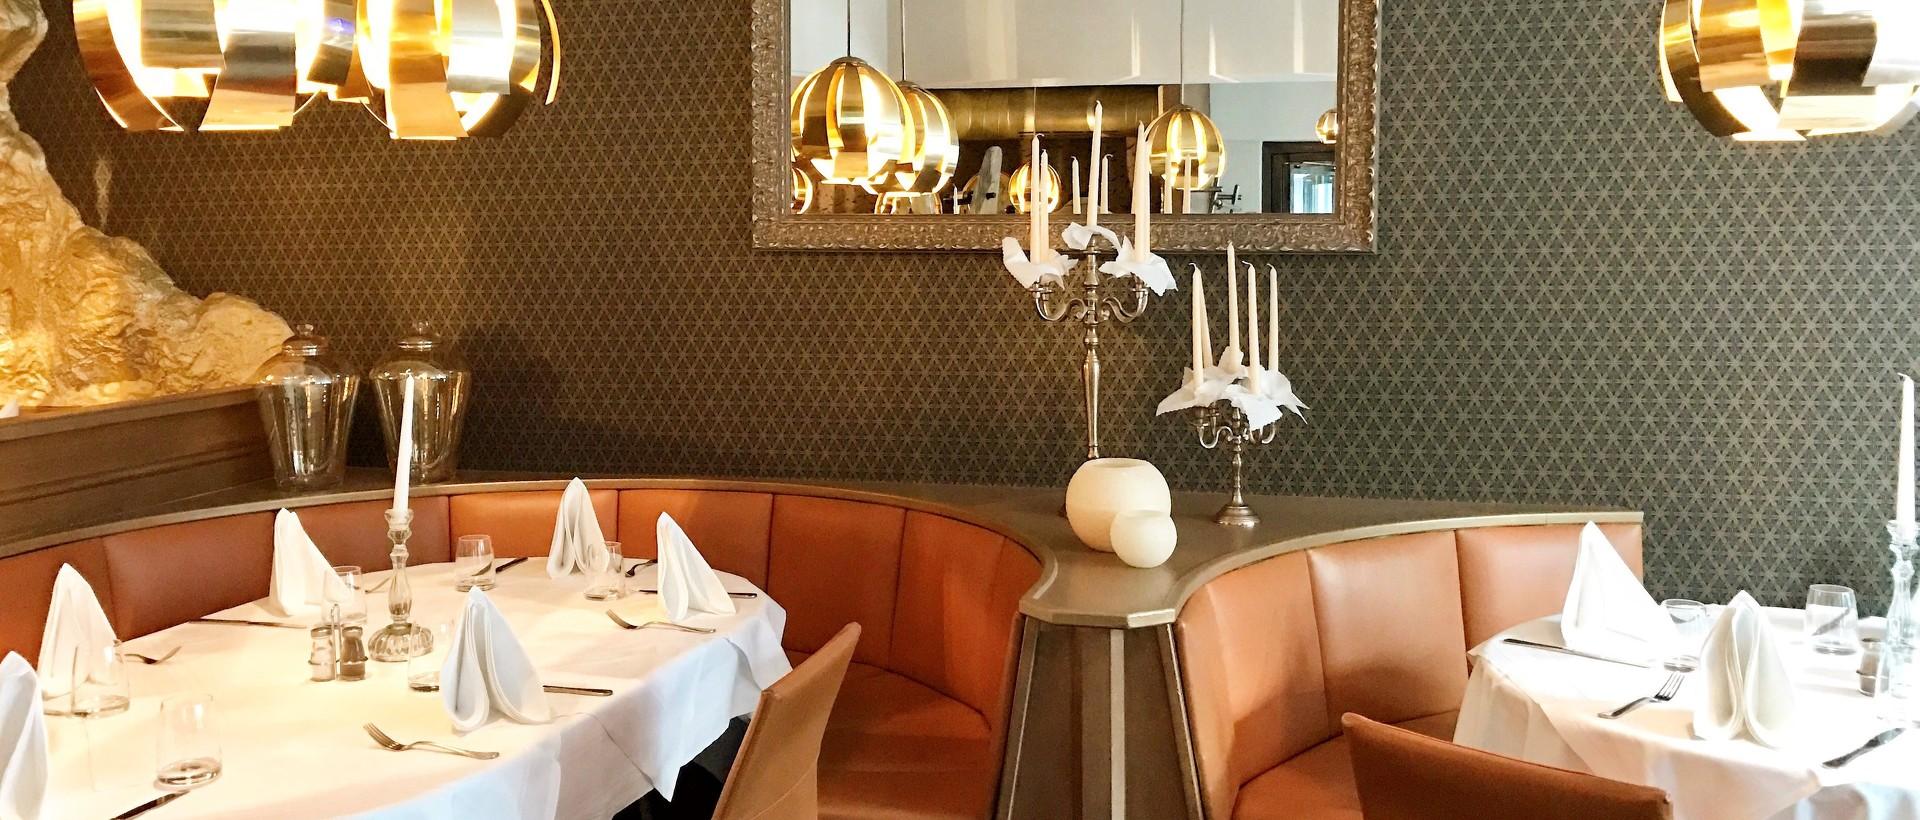 Ausgehen im Restaurant La Strada